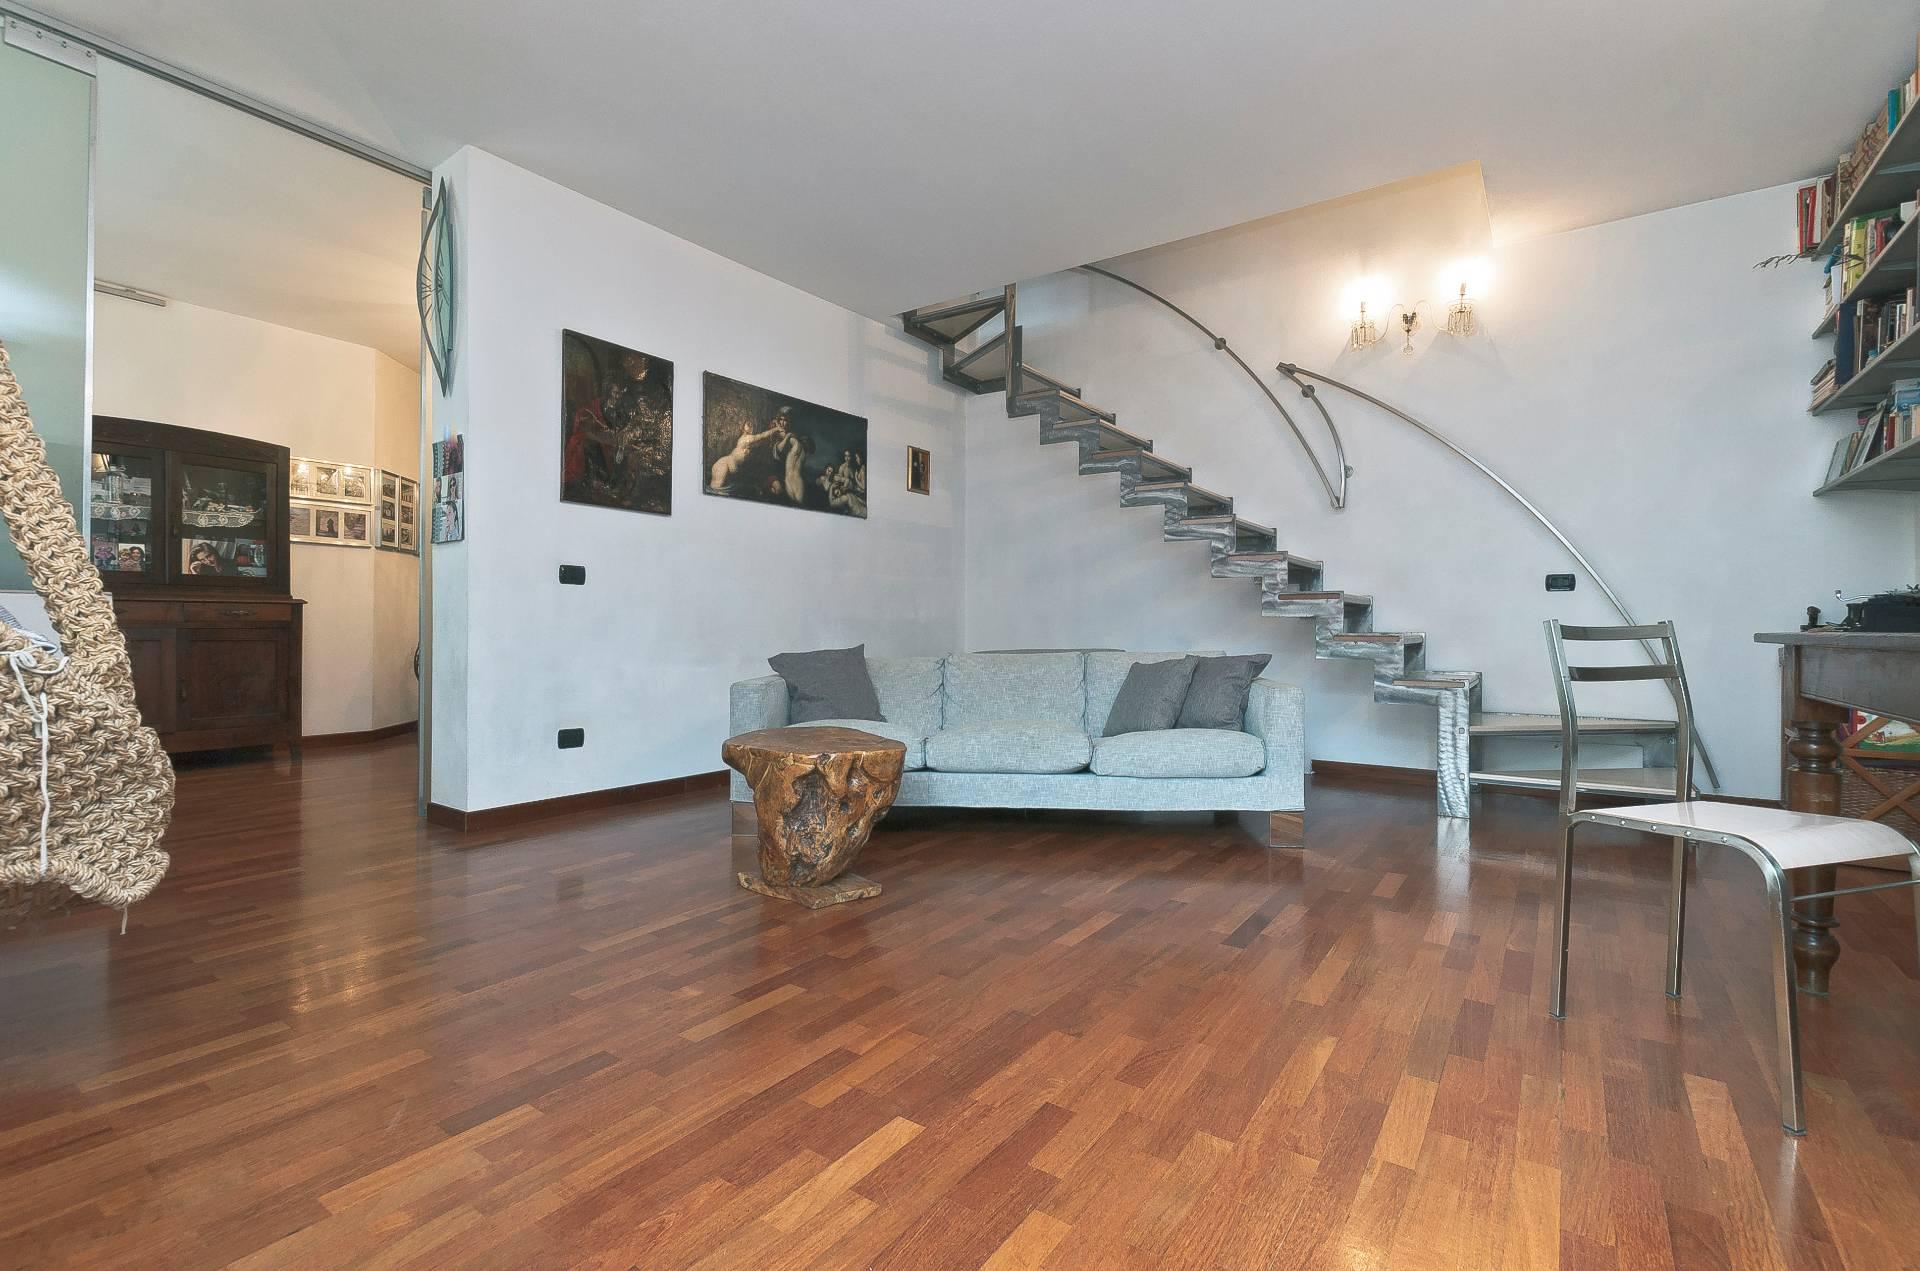 Appartamento in vendita a Milano, 3 locali, zona Località: Accursio, prezzo € 365.000 | CambioCasa.it